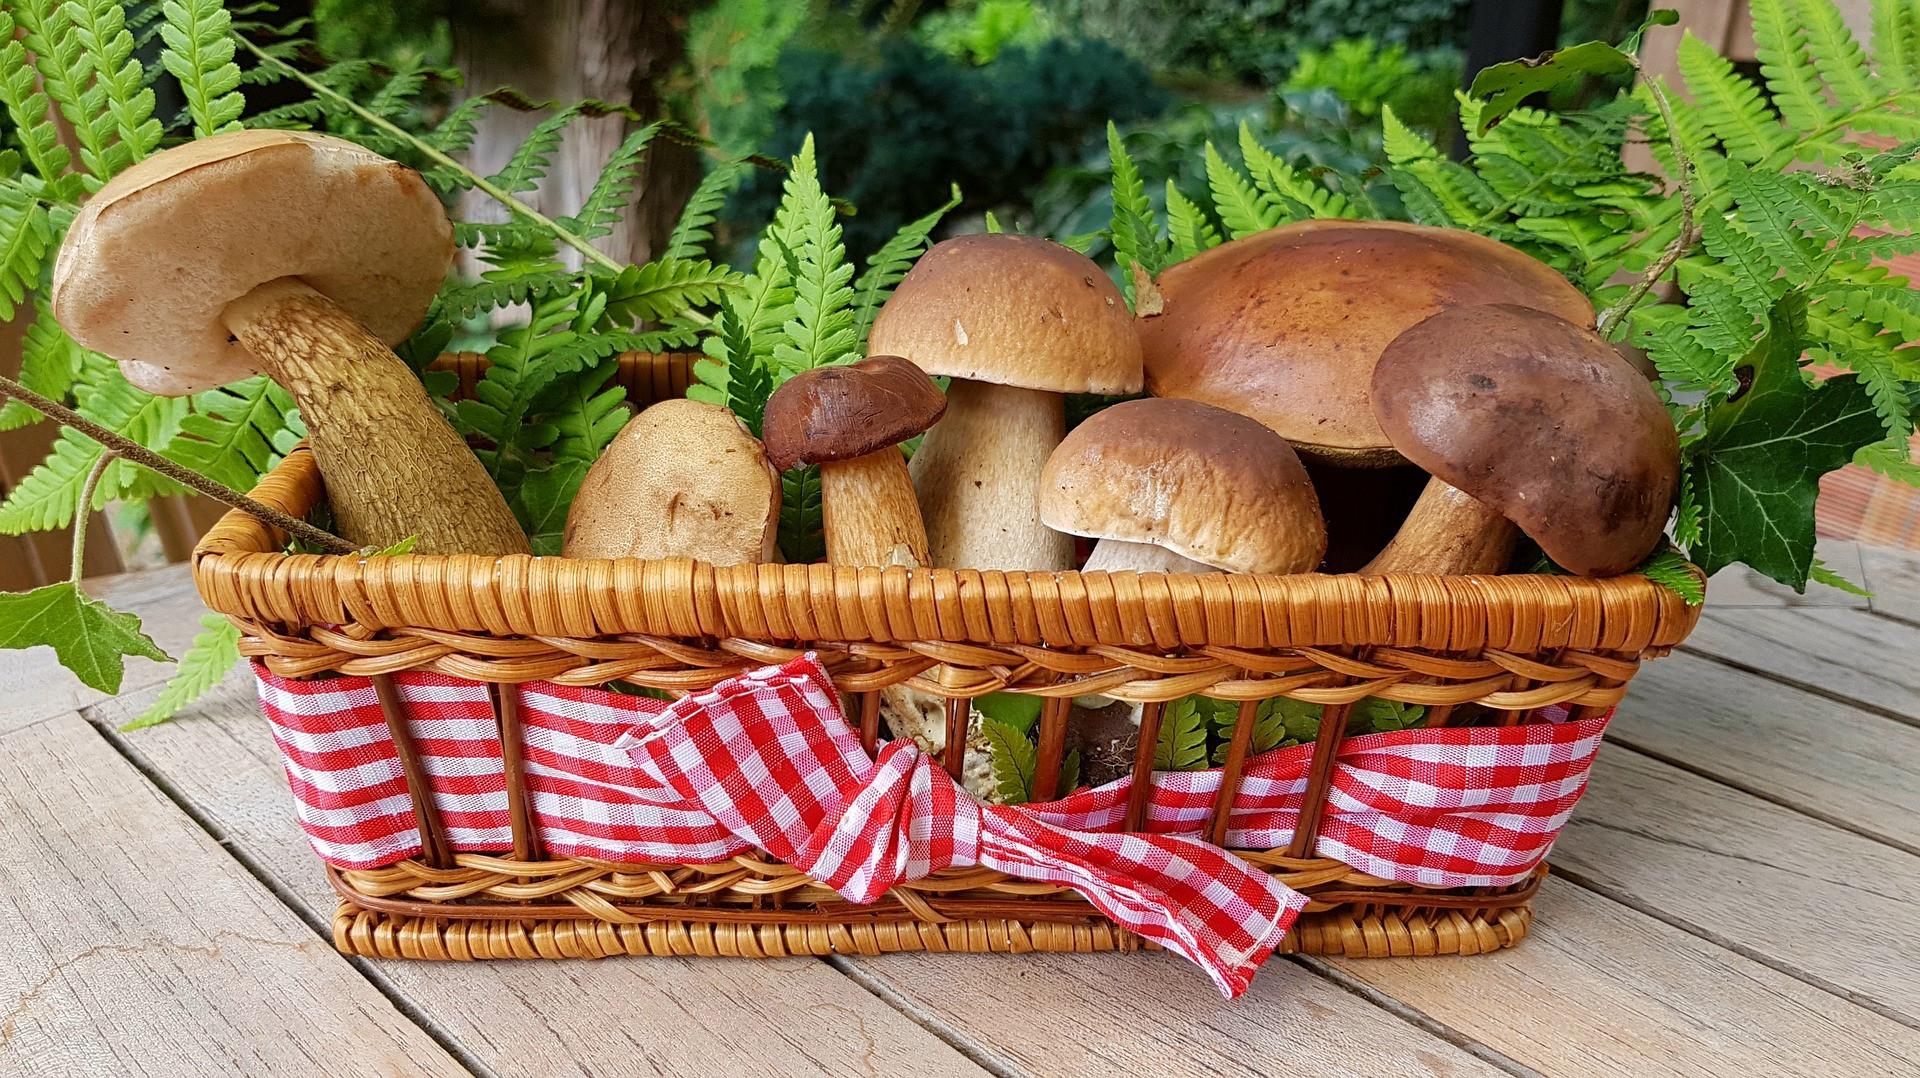 Изображение - Салат из лесных грибов рецепты с фото простые и вкусные fit_96_53_false_crop_1916_1078_1_0_133742_e4a6d406c1